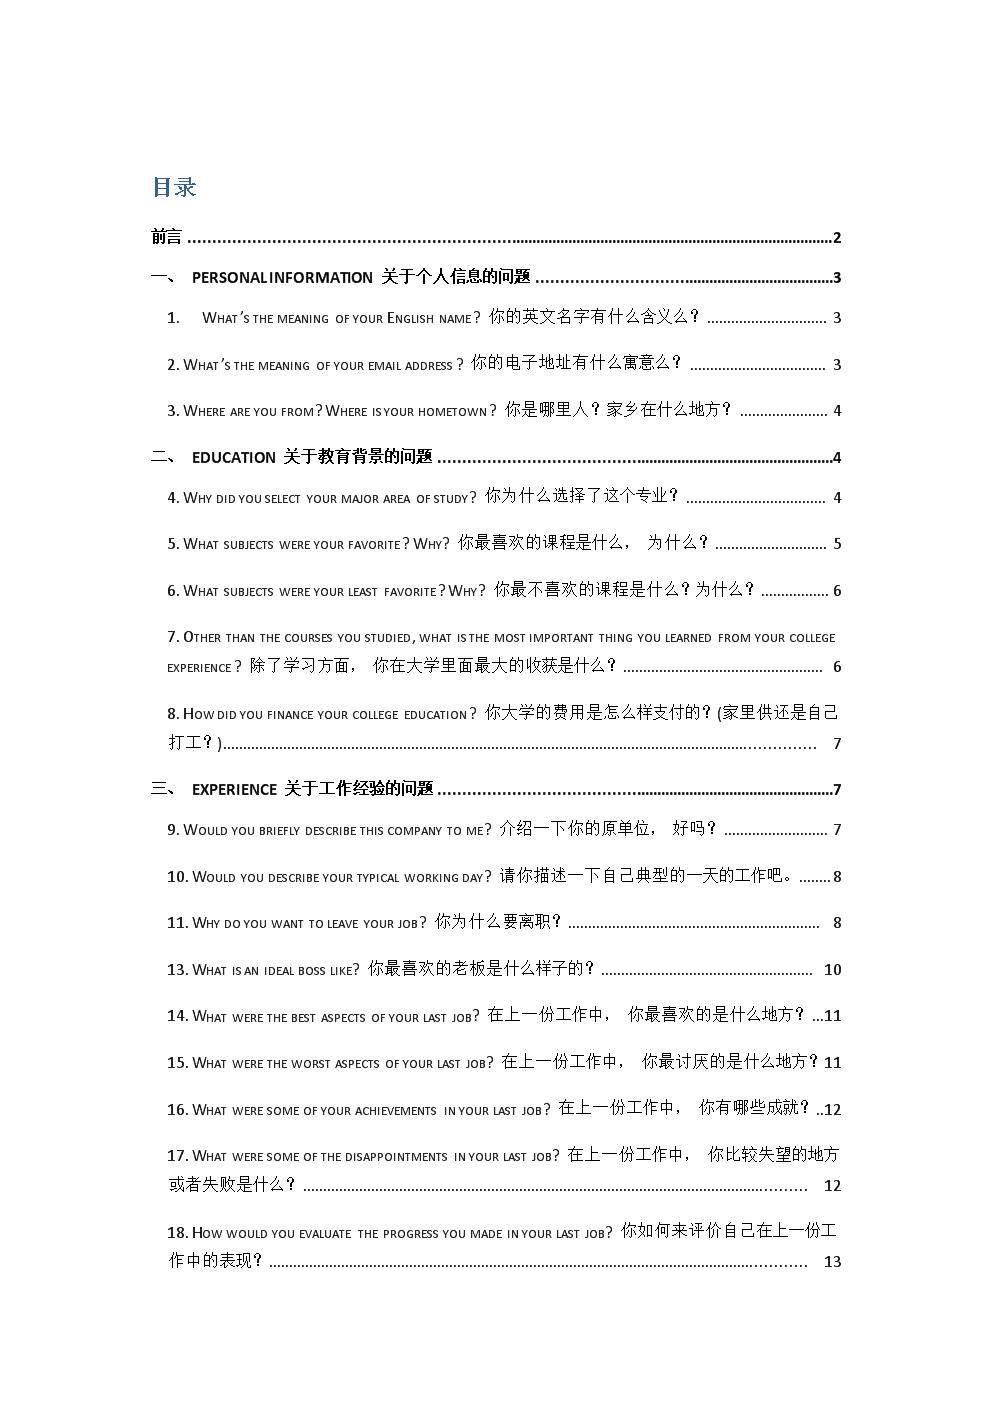 外企面试最常见地36个英文问题(附问题详解).docx